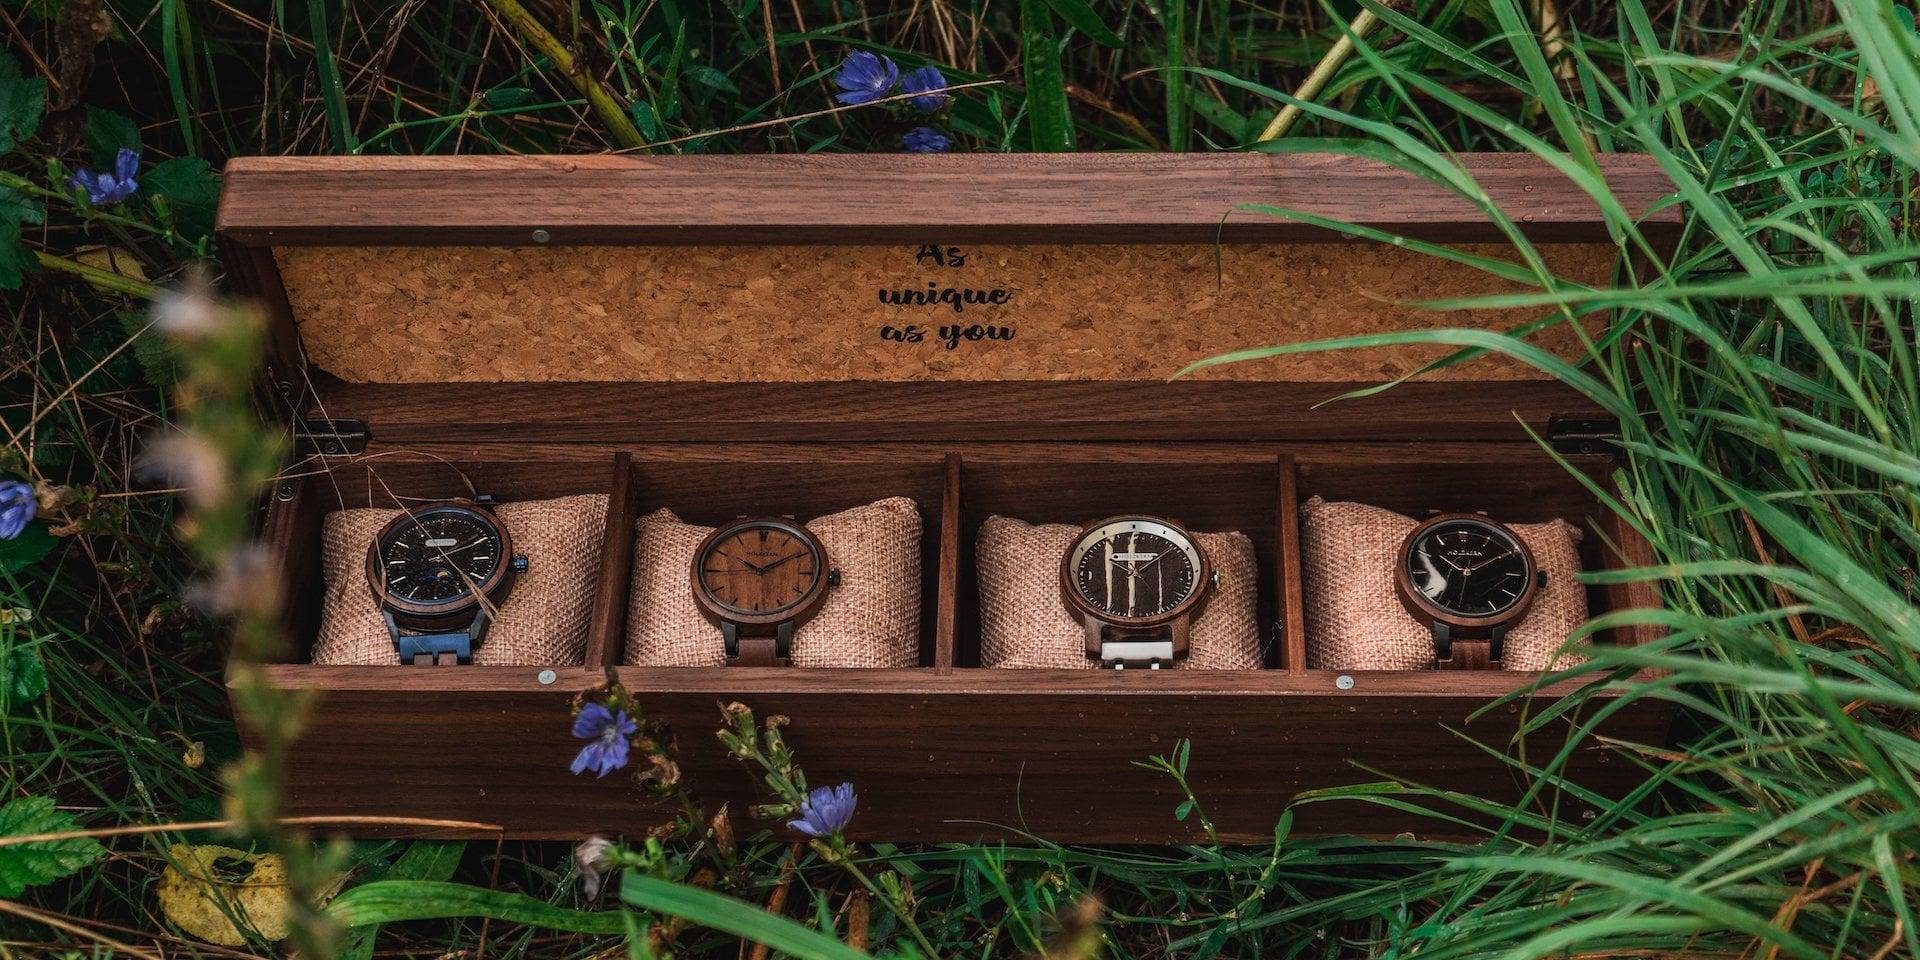 Dein Holz für den Herbst: Walnuss 3